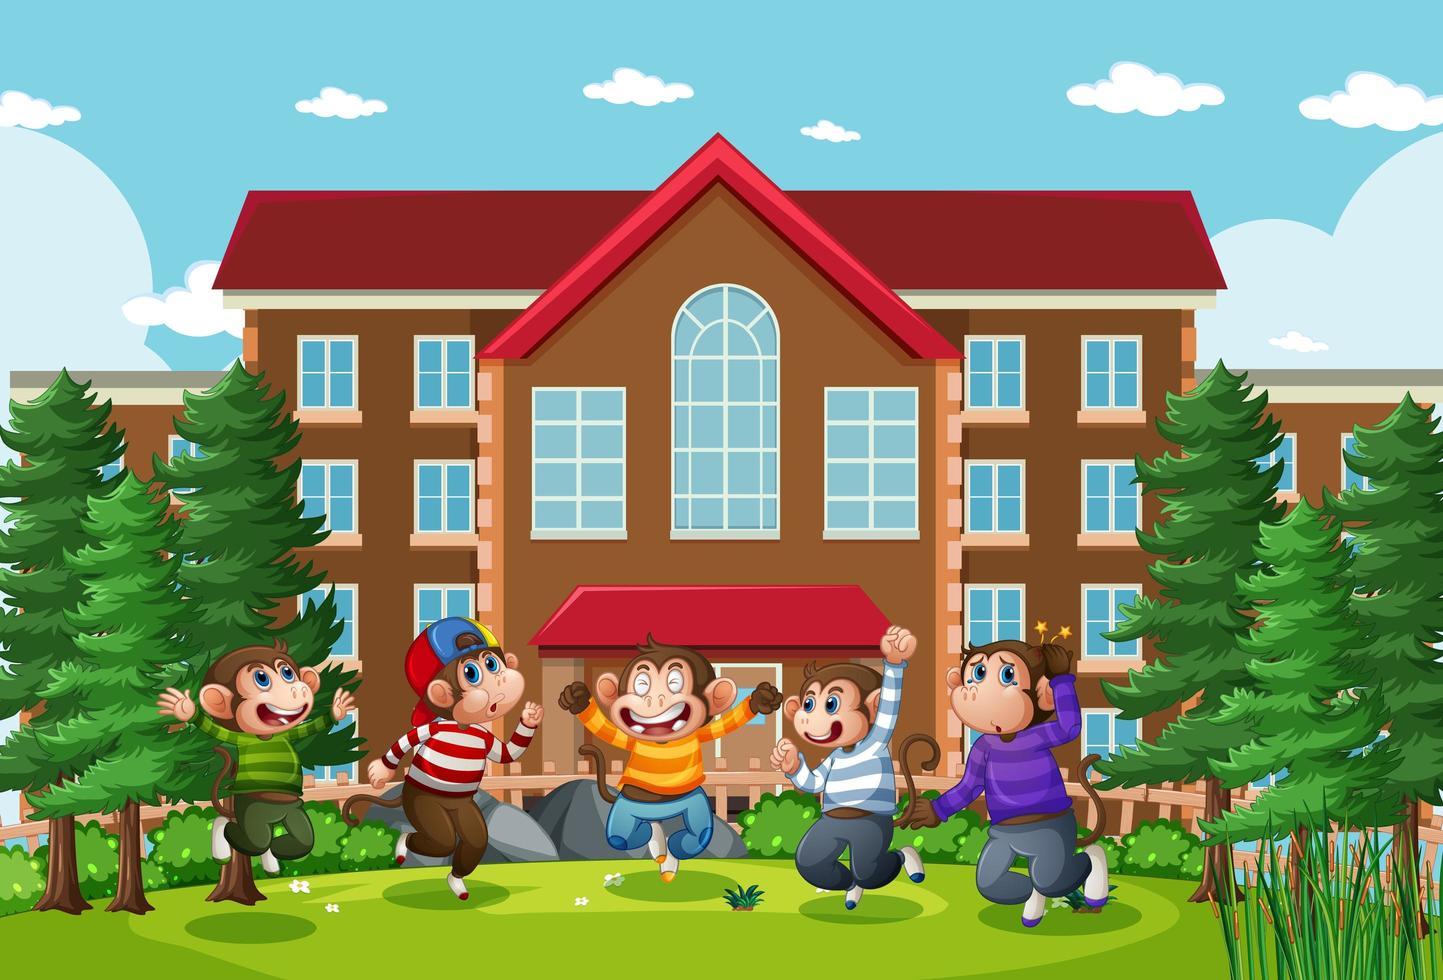 cinq petits singes sautant dans la scène de l'école du parc vecteur